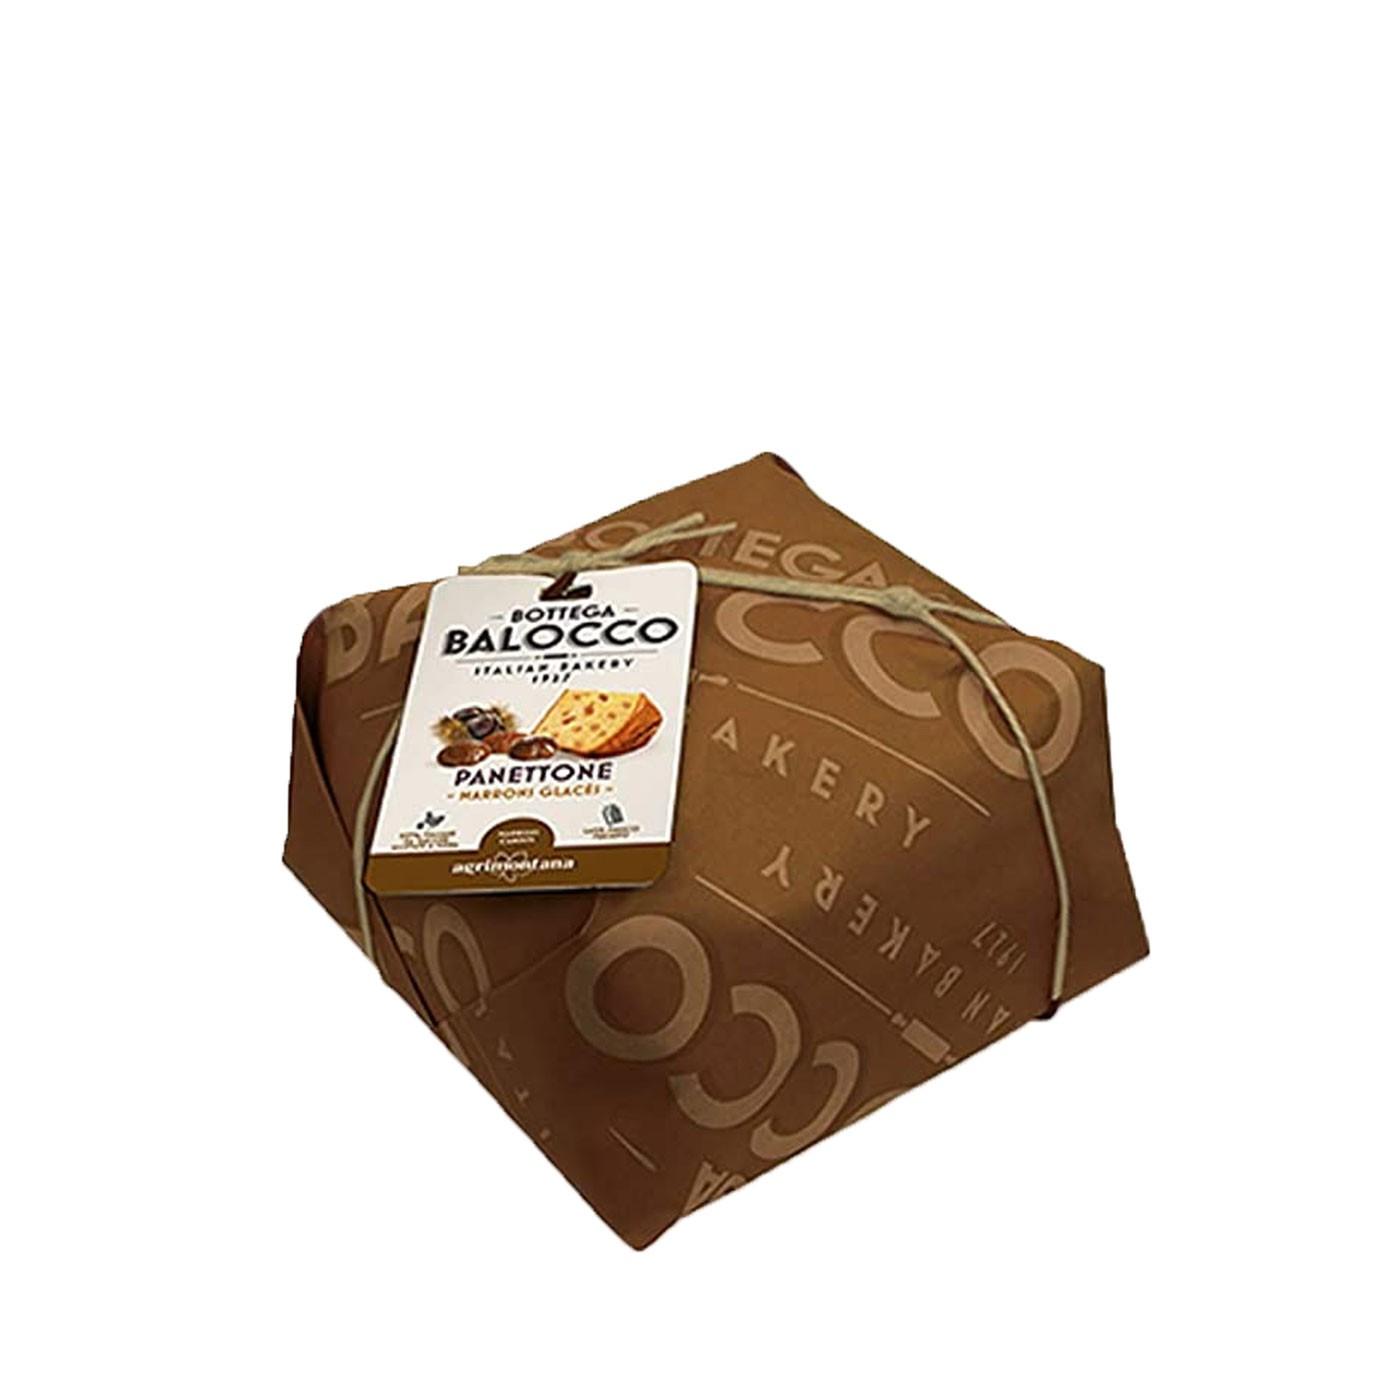 Marron Glacé Panettone 26.4 oz